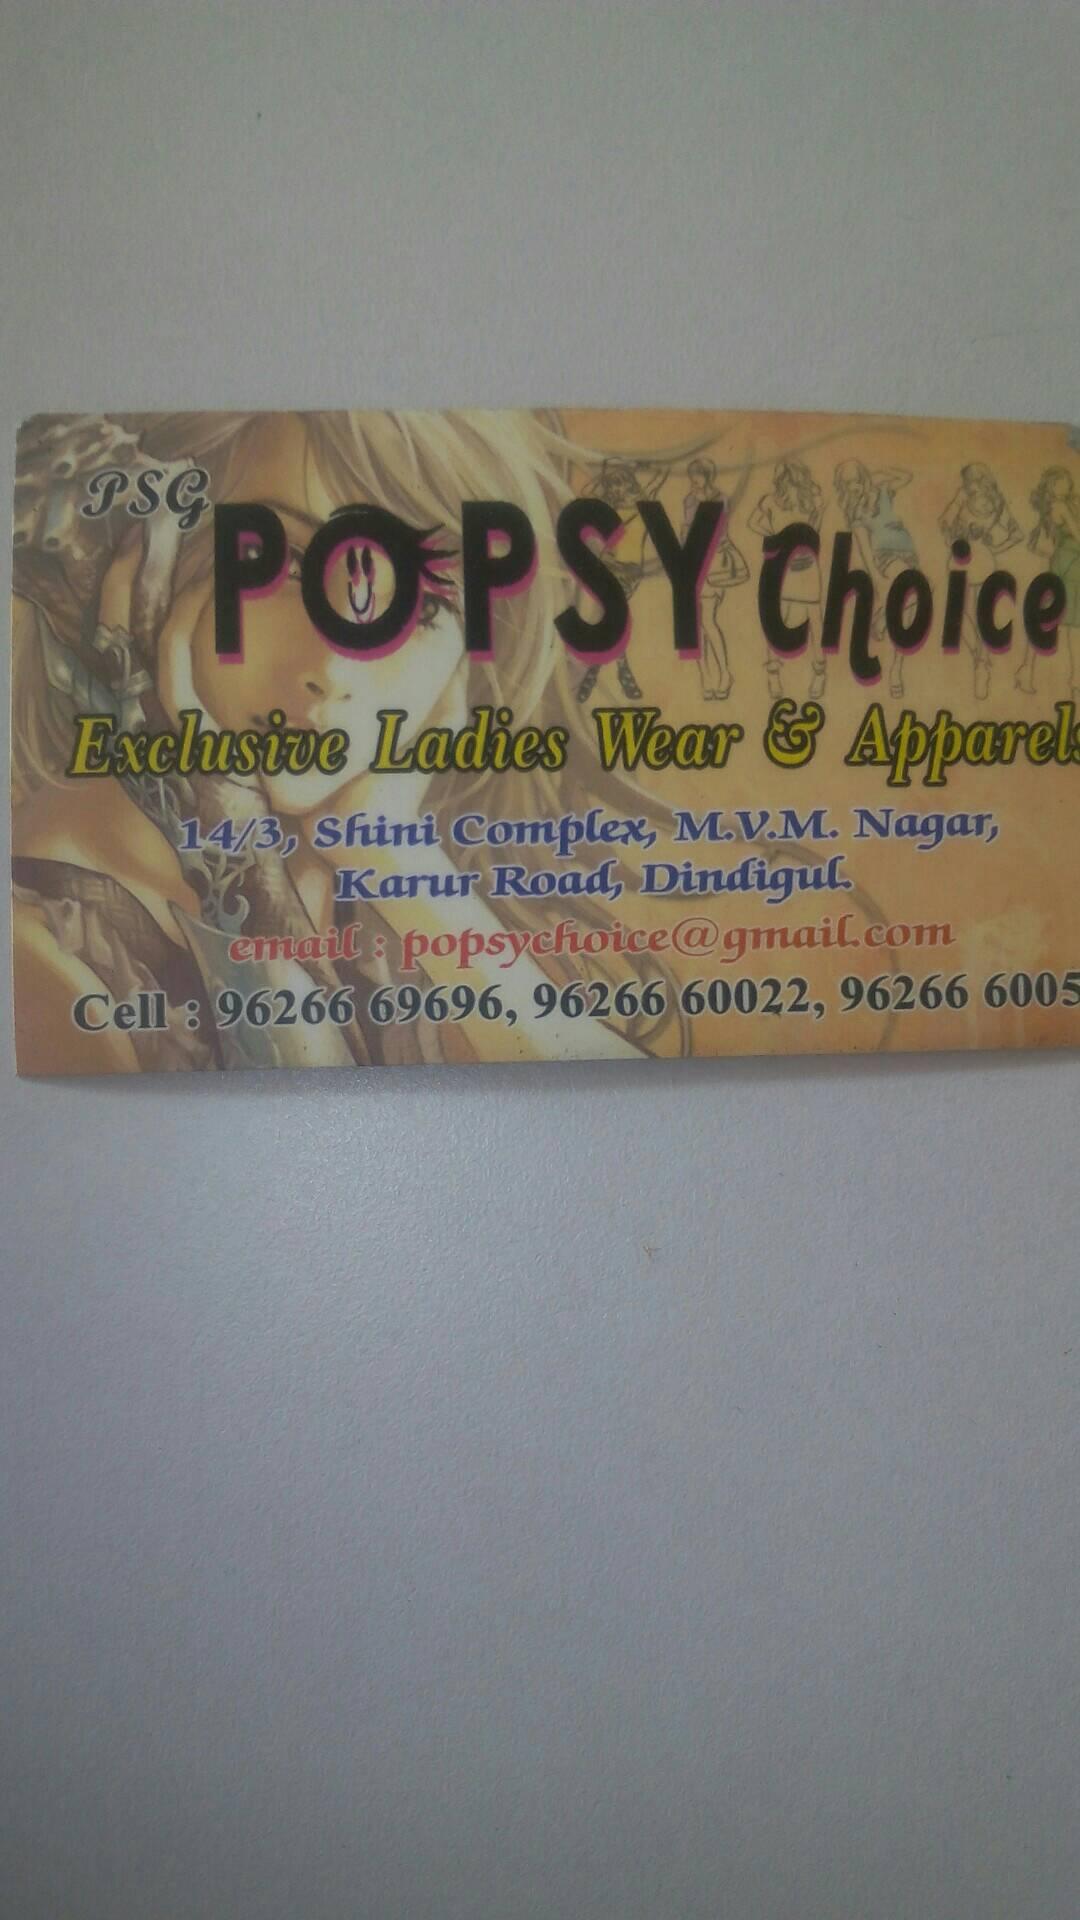 Popsy choice